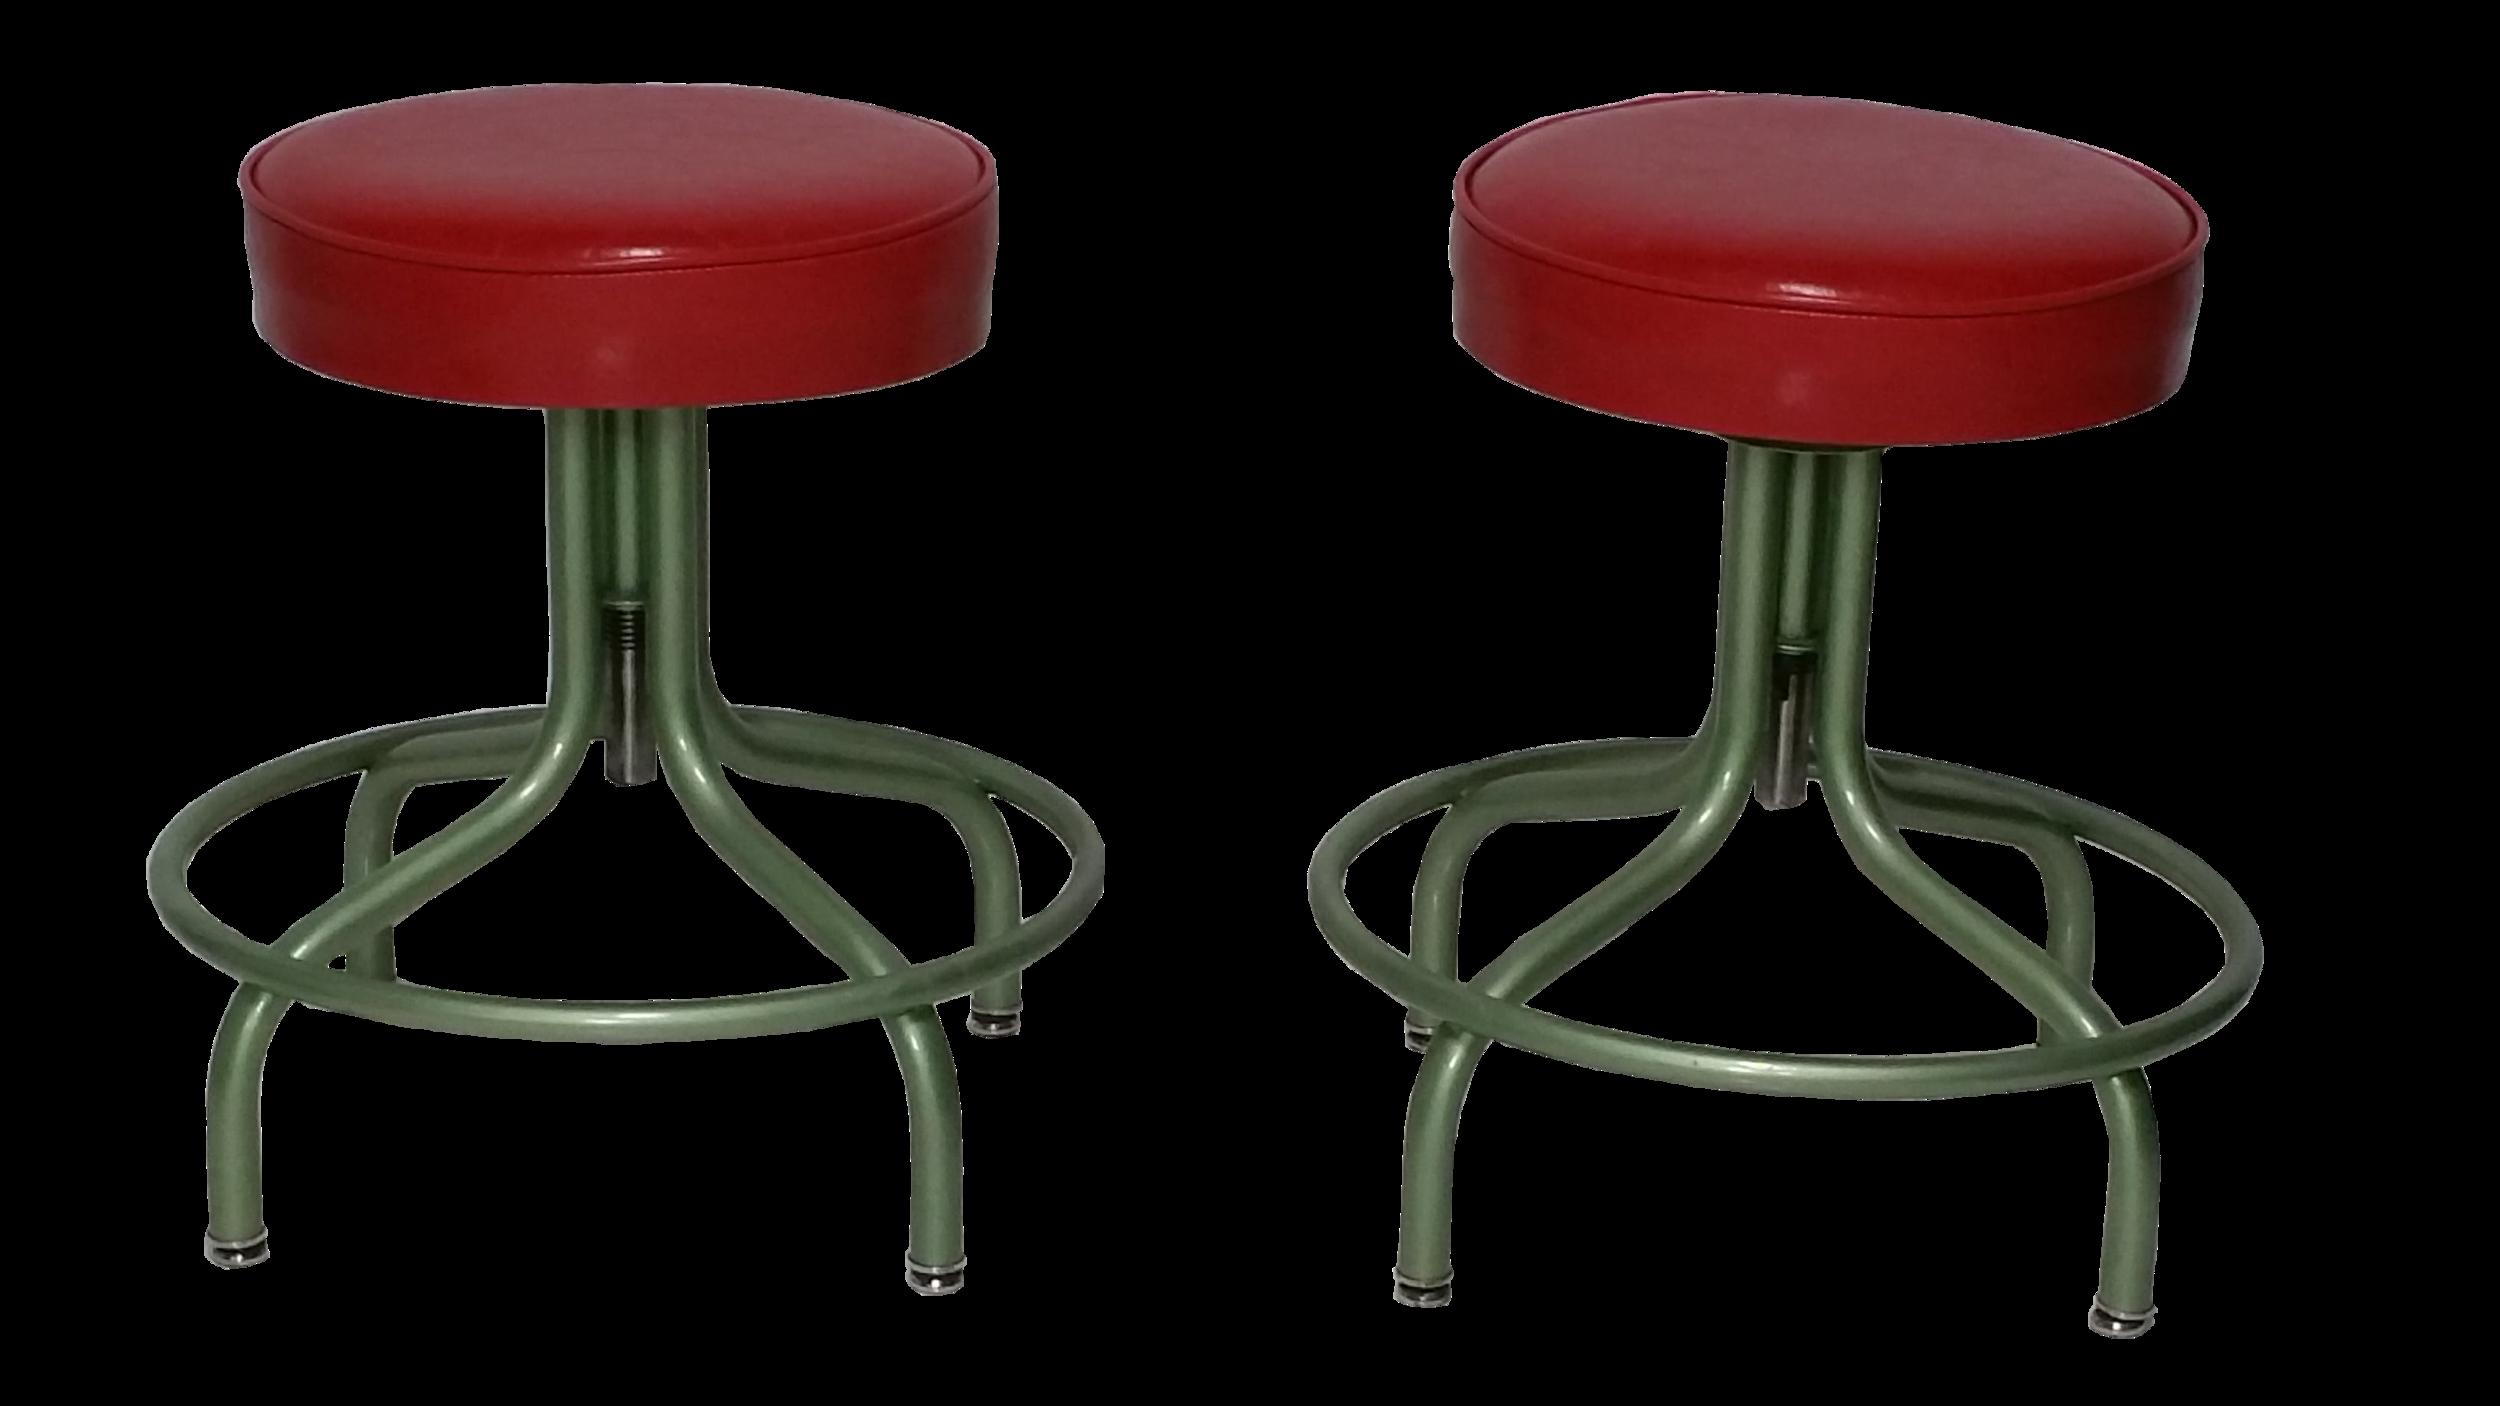 Pair of Vintage Steel Adjustable Stools